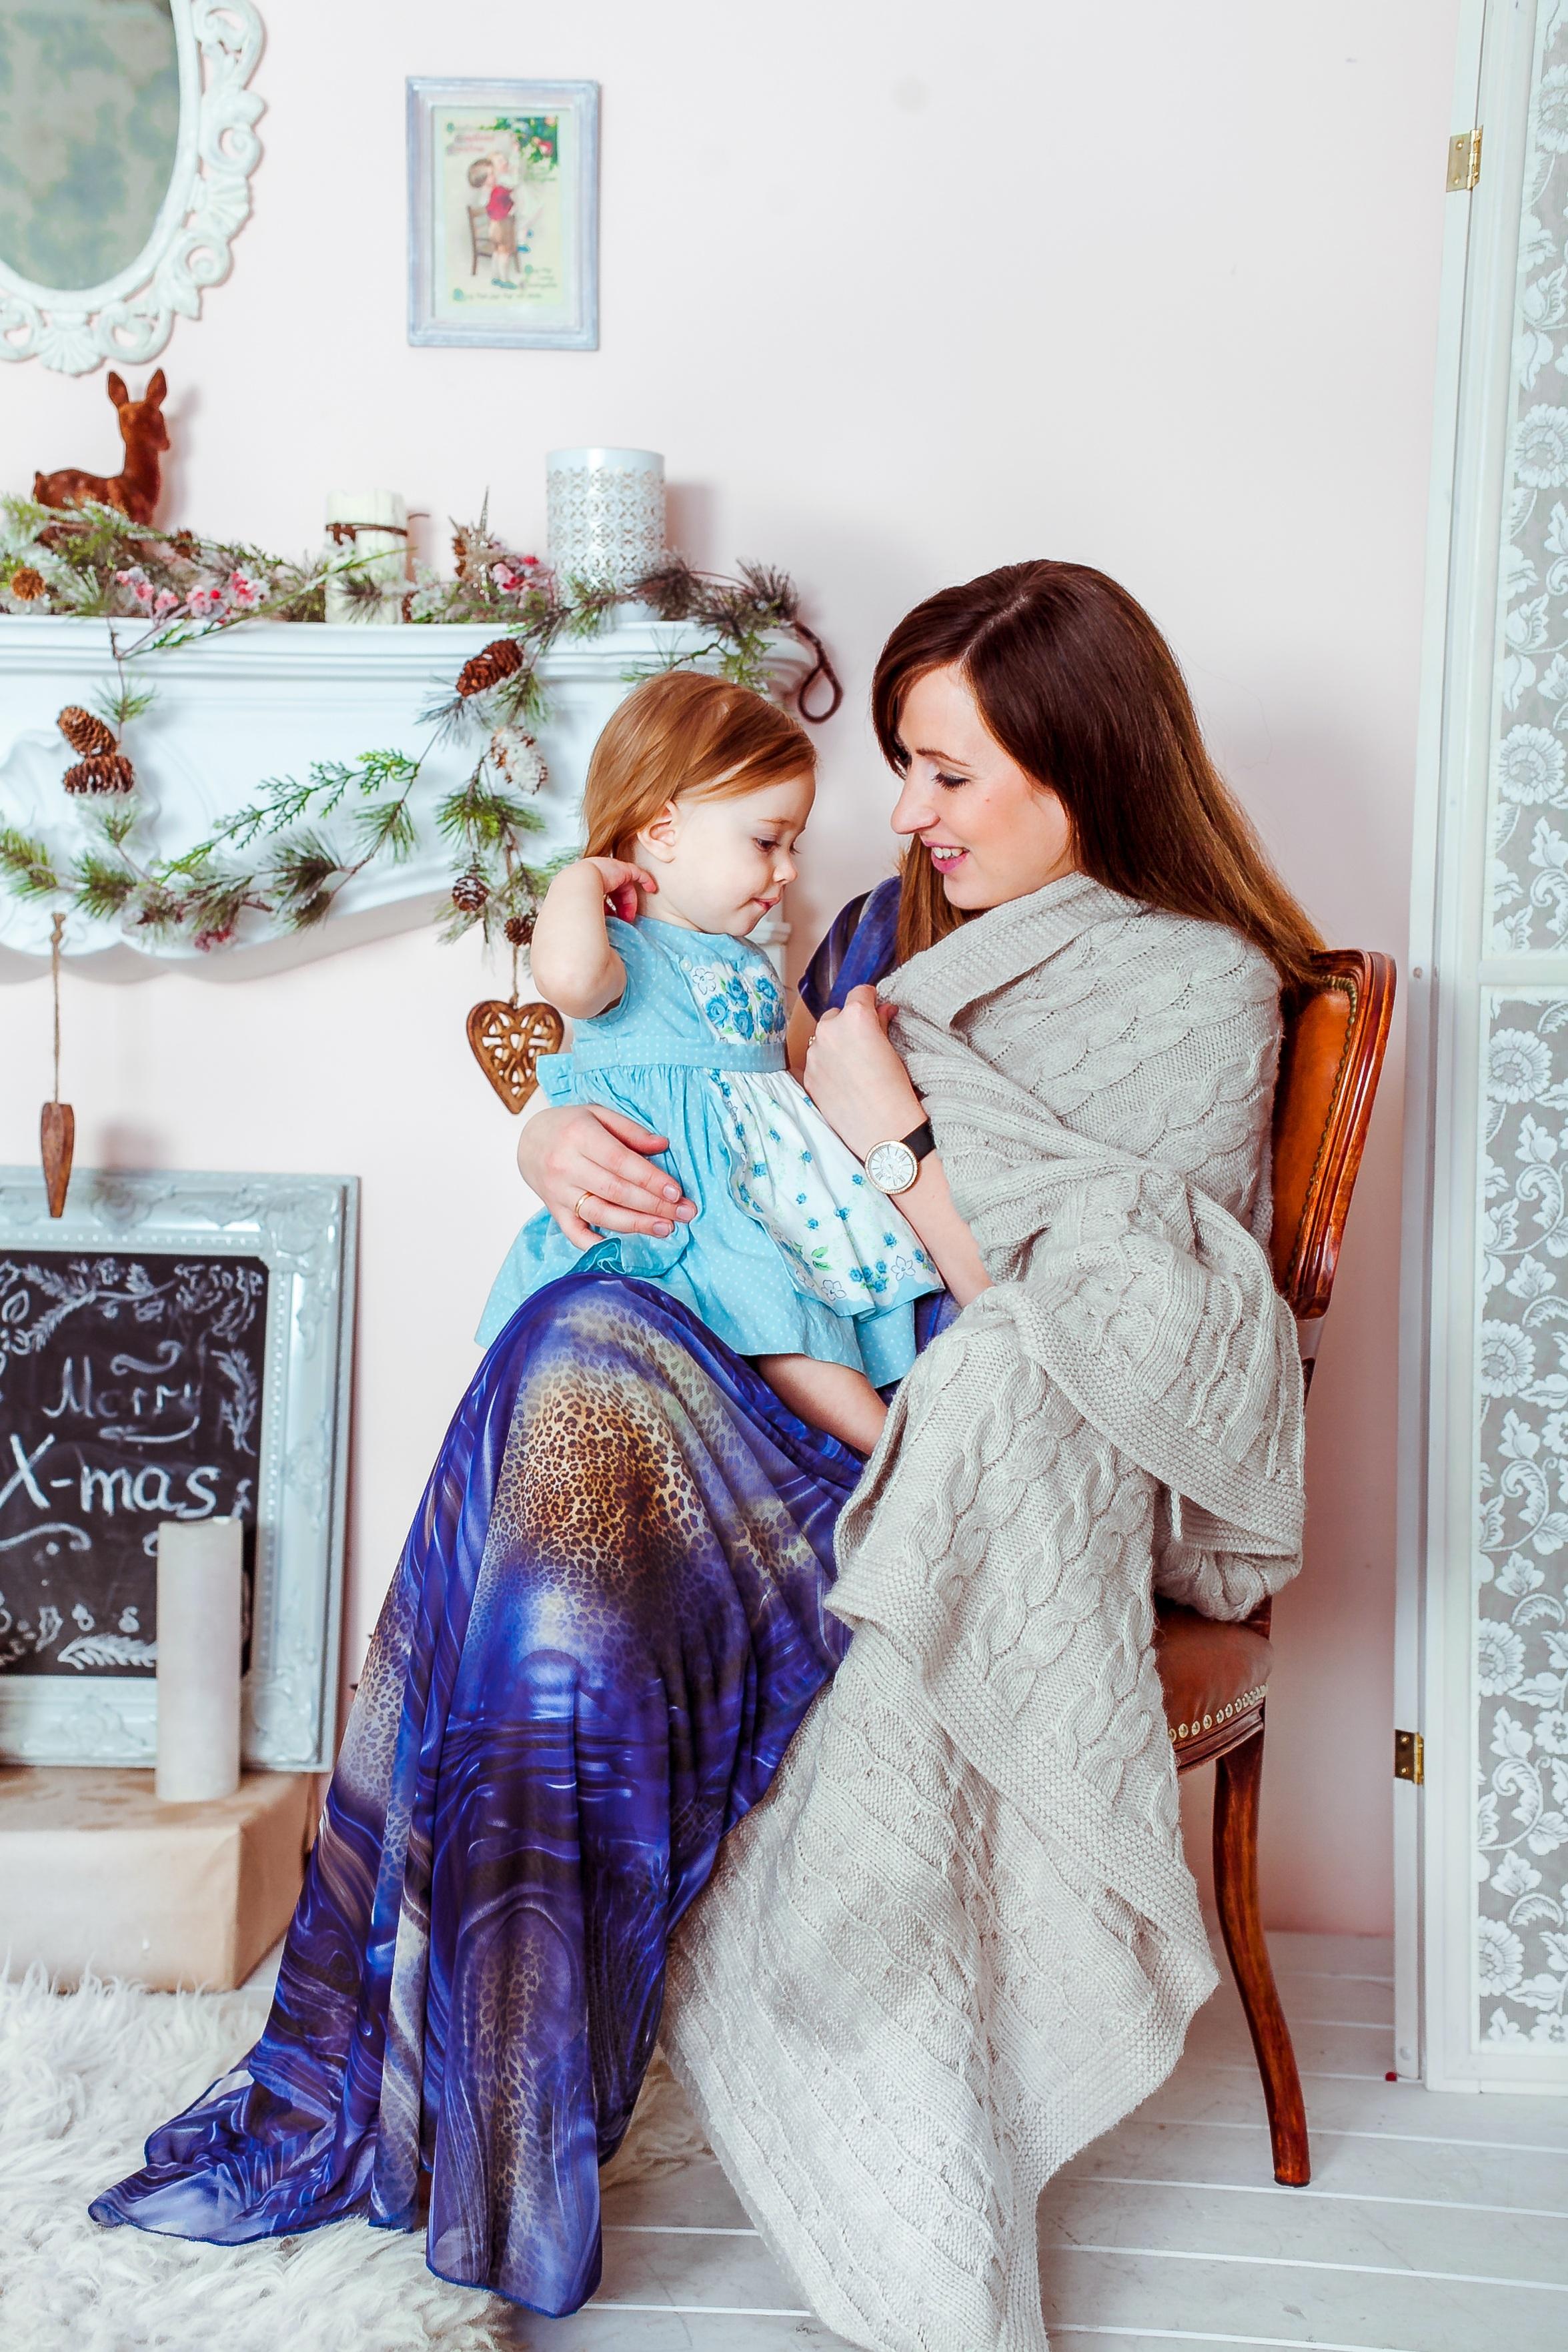 2965ca4aa casa interior tranquilidad primavera cuidado Moda ropa calor mamá familia  vestir estilo comodidad vestido Sesión de